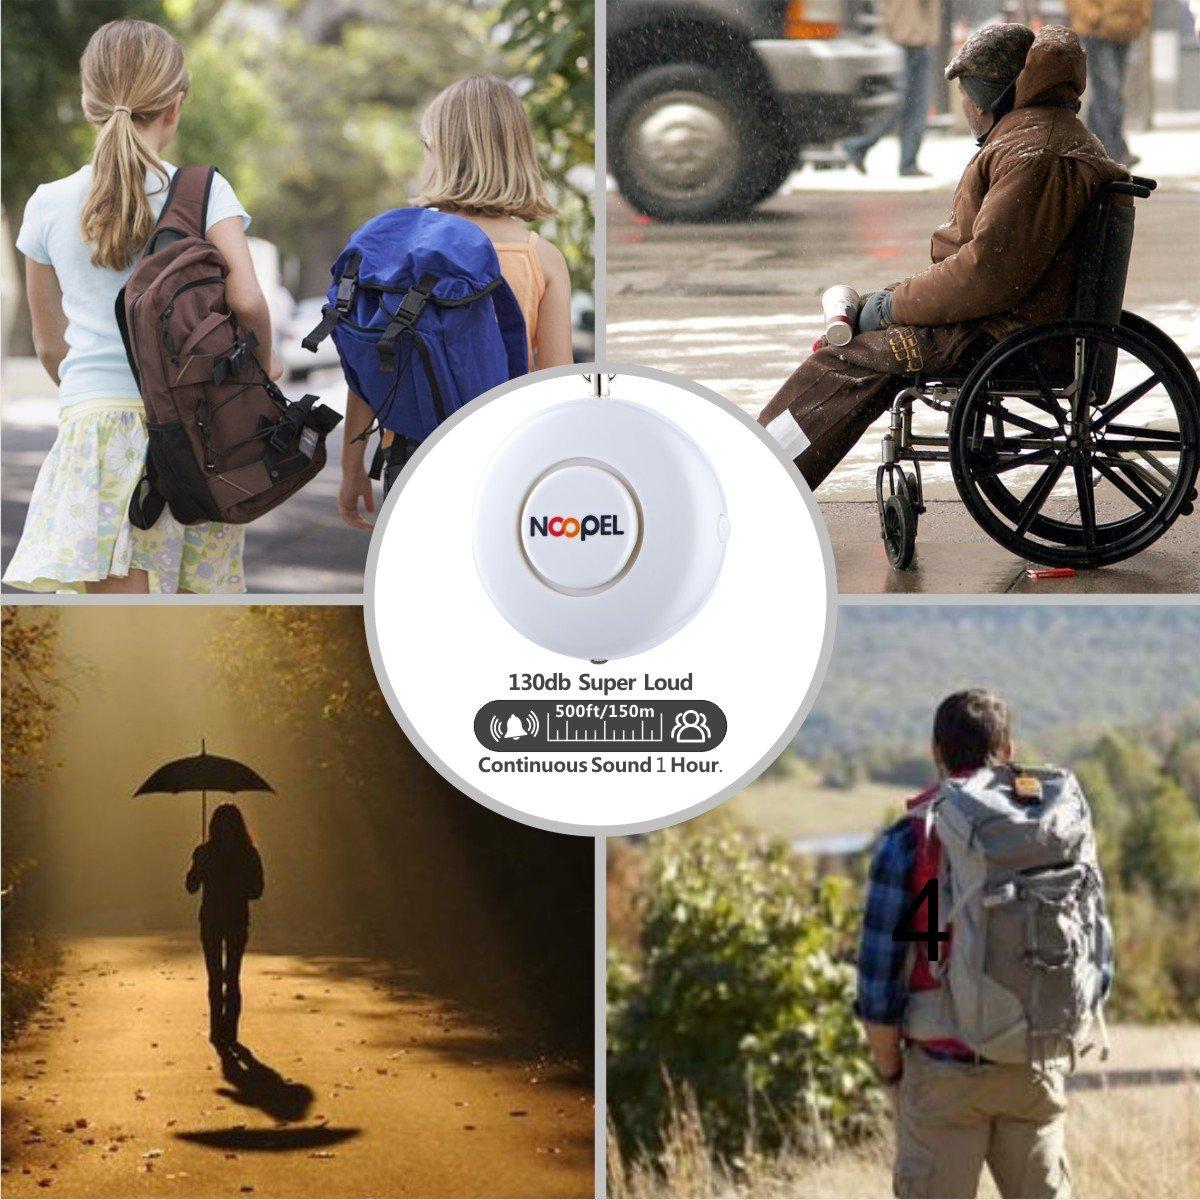 Noopel - Alarma de autodefensa de 130 dB con llavero y linterna, para mujeres, niños y estudiantes, blanco: Amazon.es: Bricolaje y herramientas